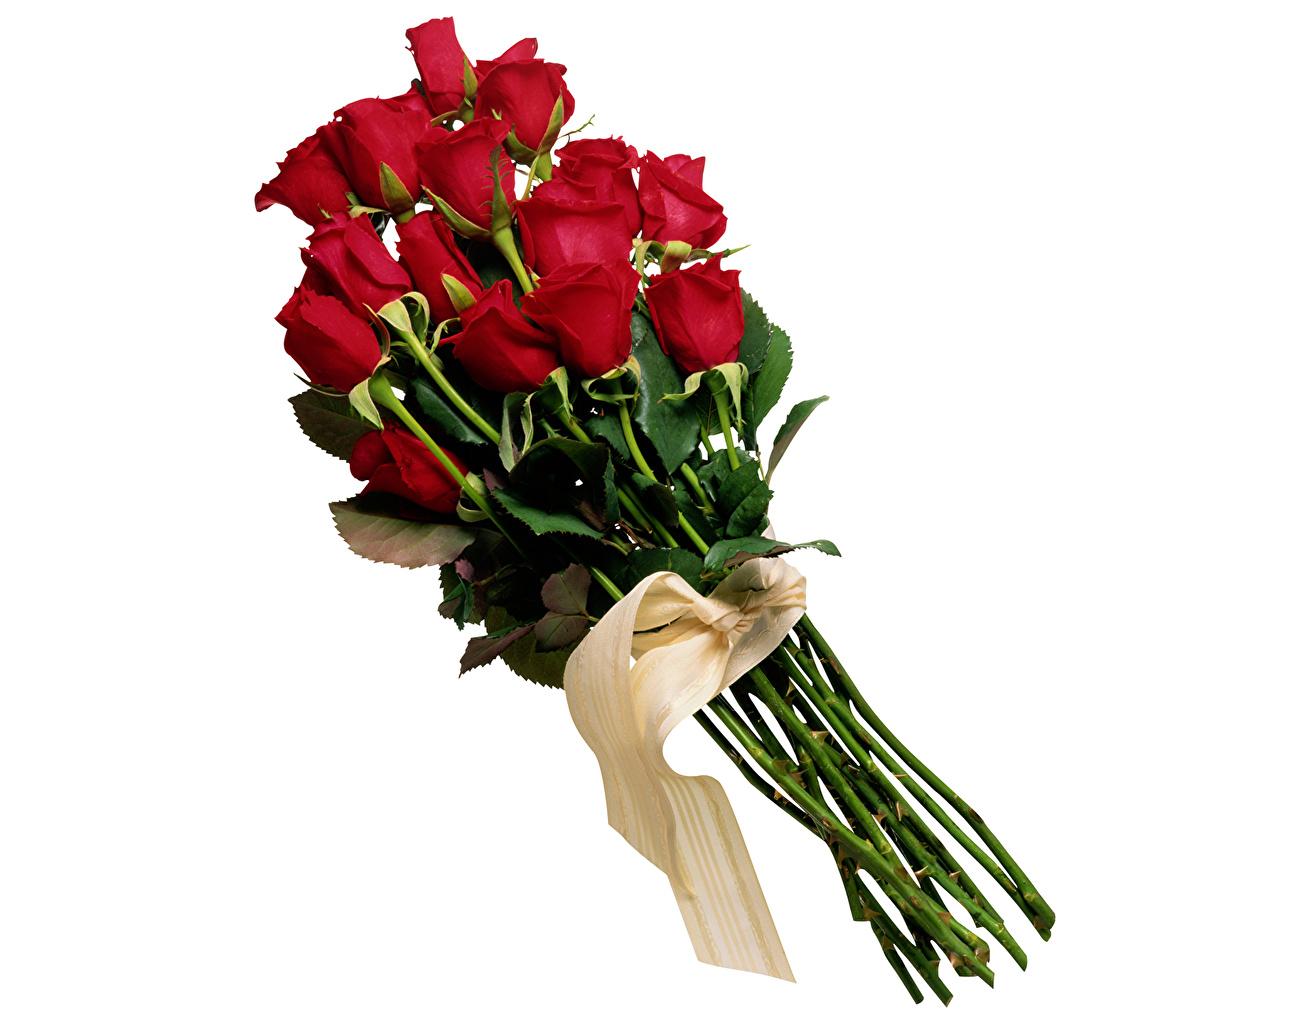 Картинки Букеты Розы Бордовый цветок ленточка Белый фон букет роза бордовая бордовые темно красный Цветы Лента белом фоне белым фоном